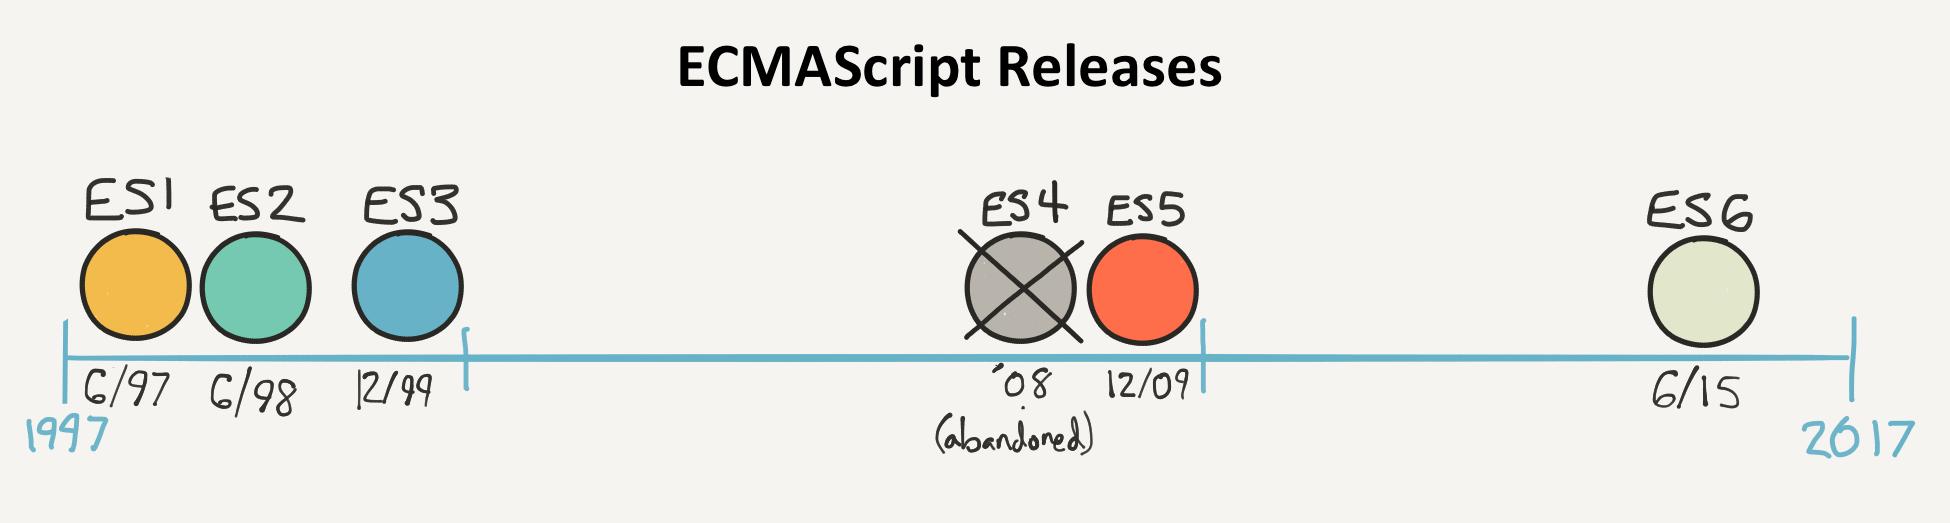 Chronologie des versions de ECMAScript/JavaScript